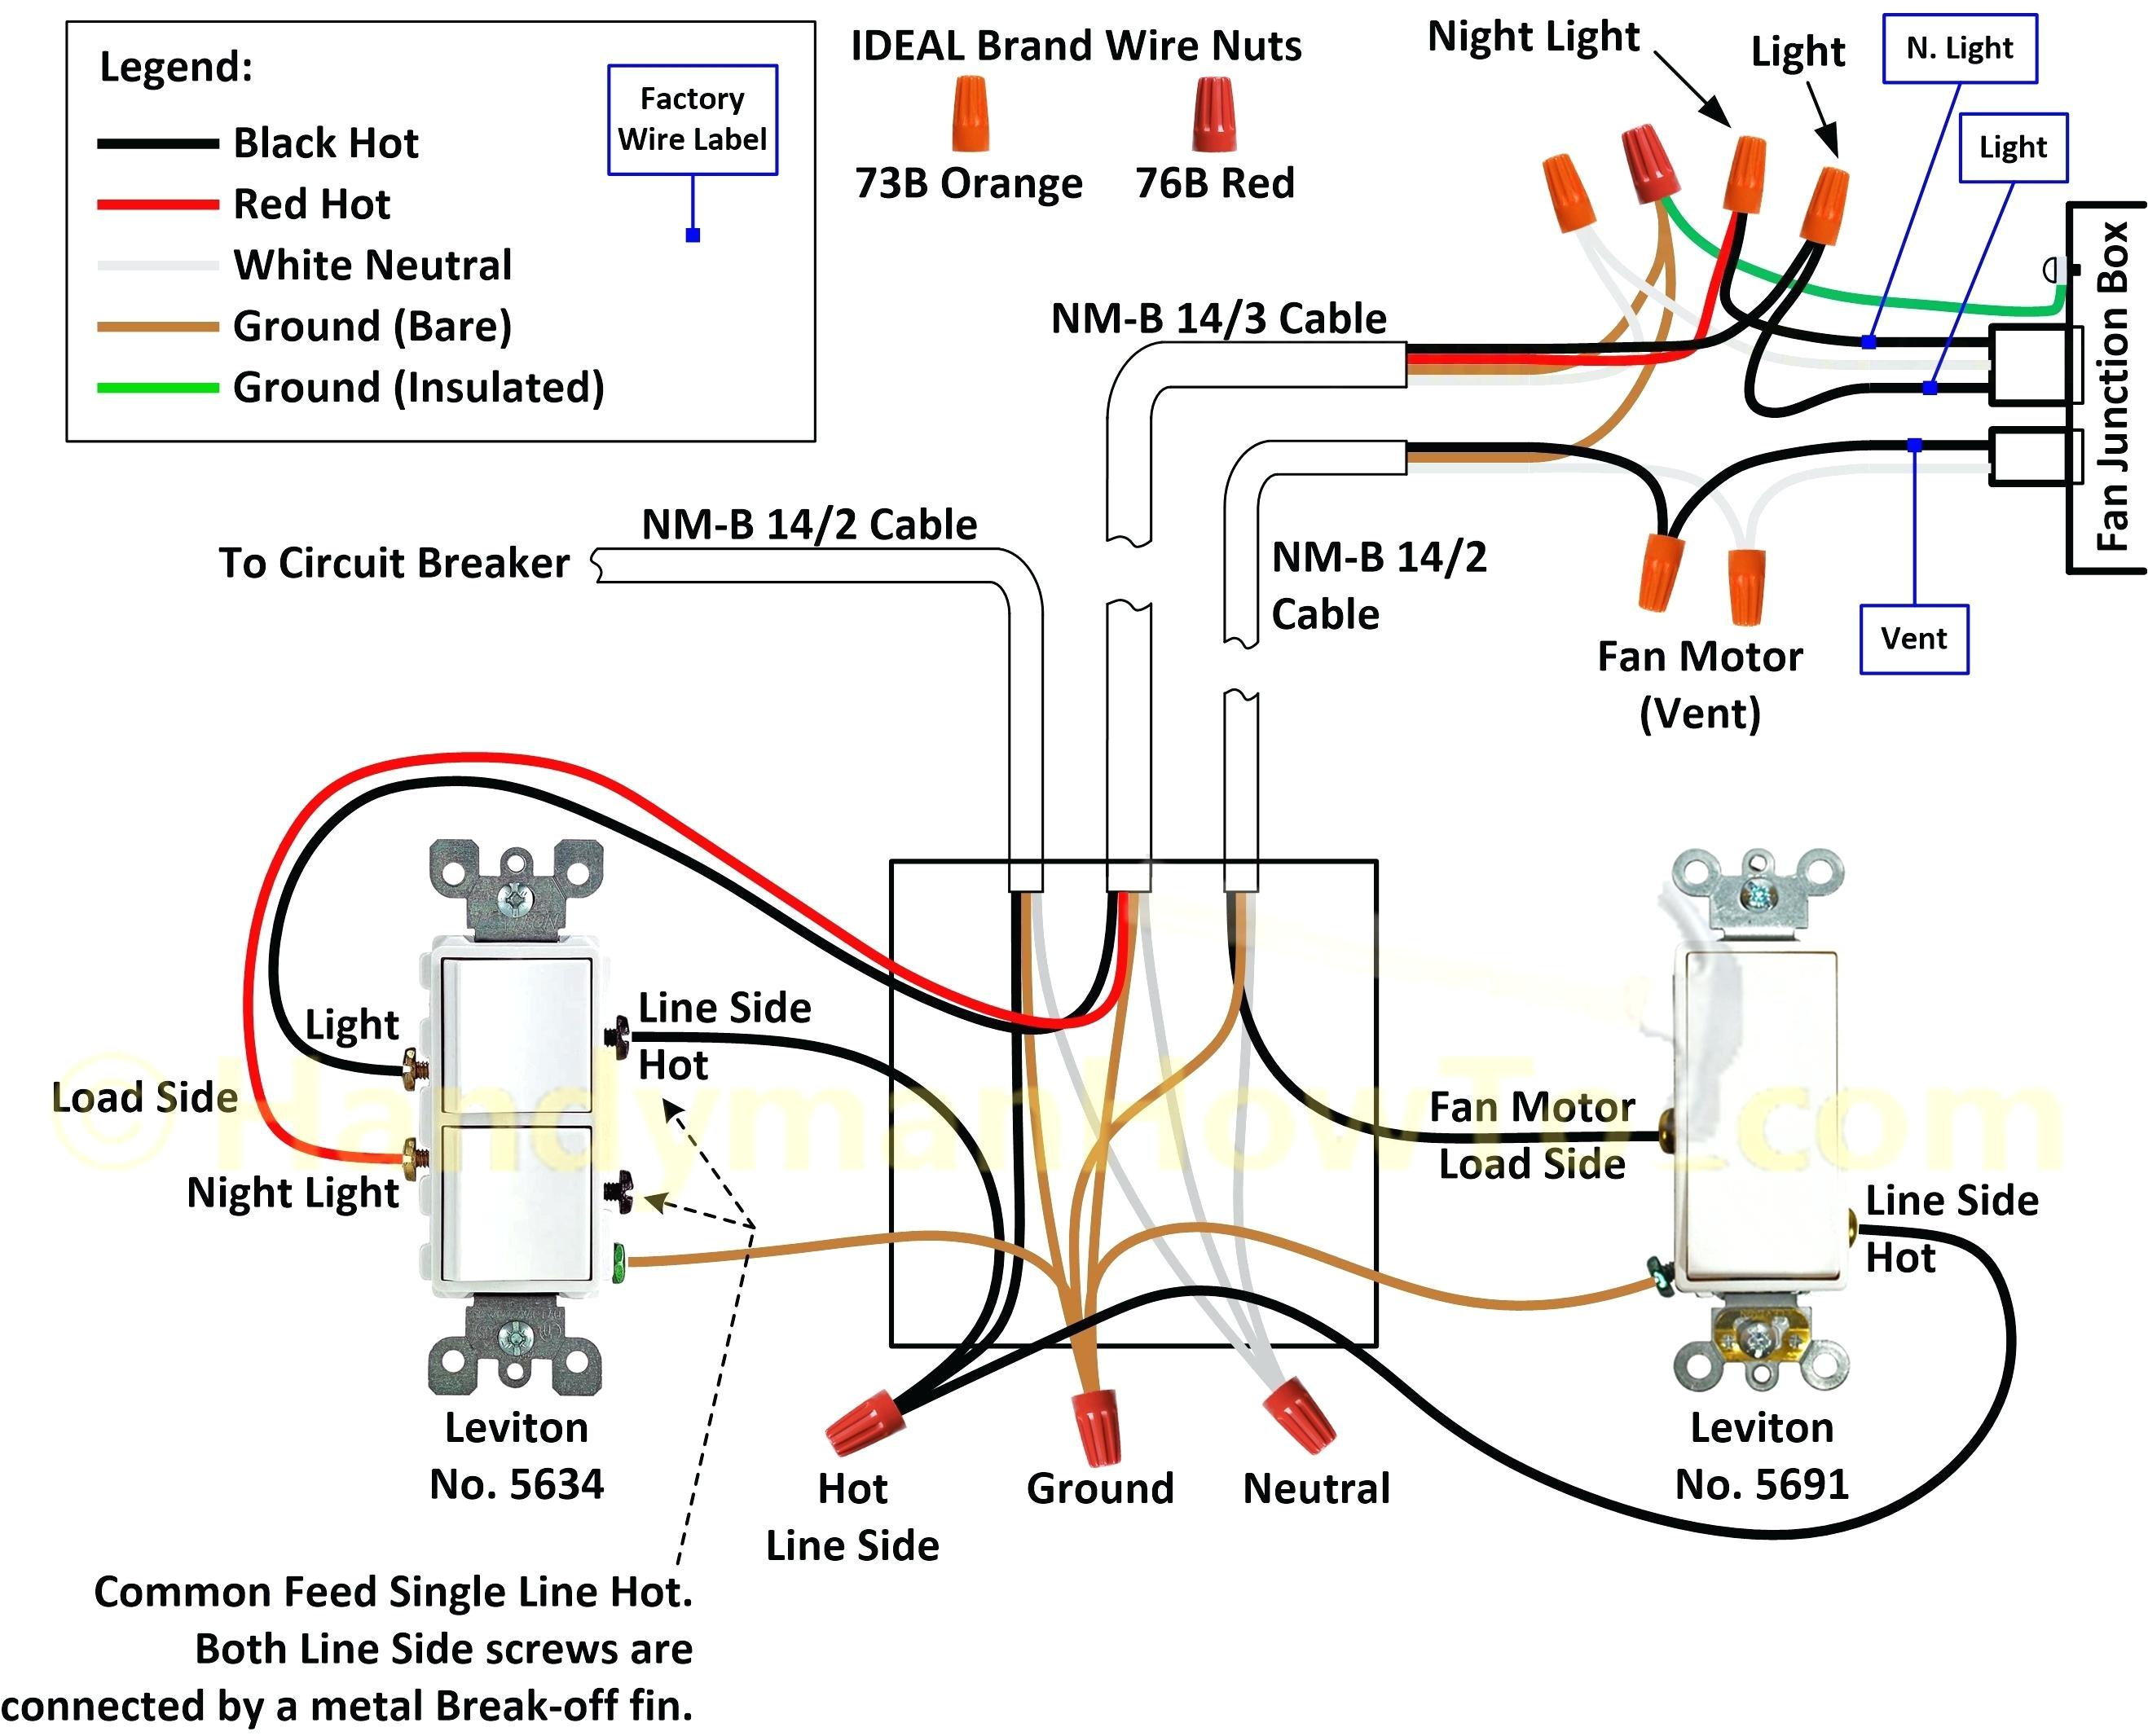 emerson ceiling fan wiring diagram wiring diagram details emerson ceiling fan wiring diagram